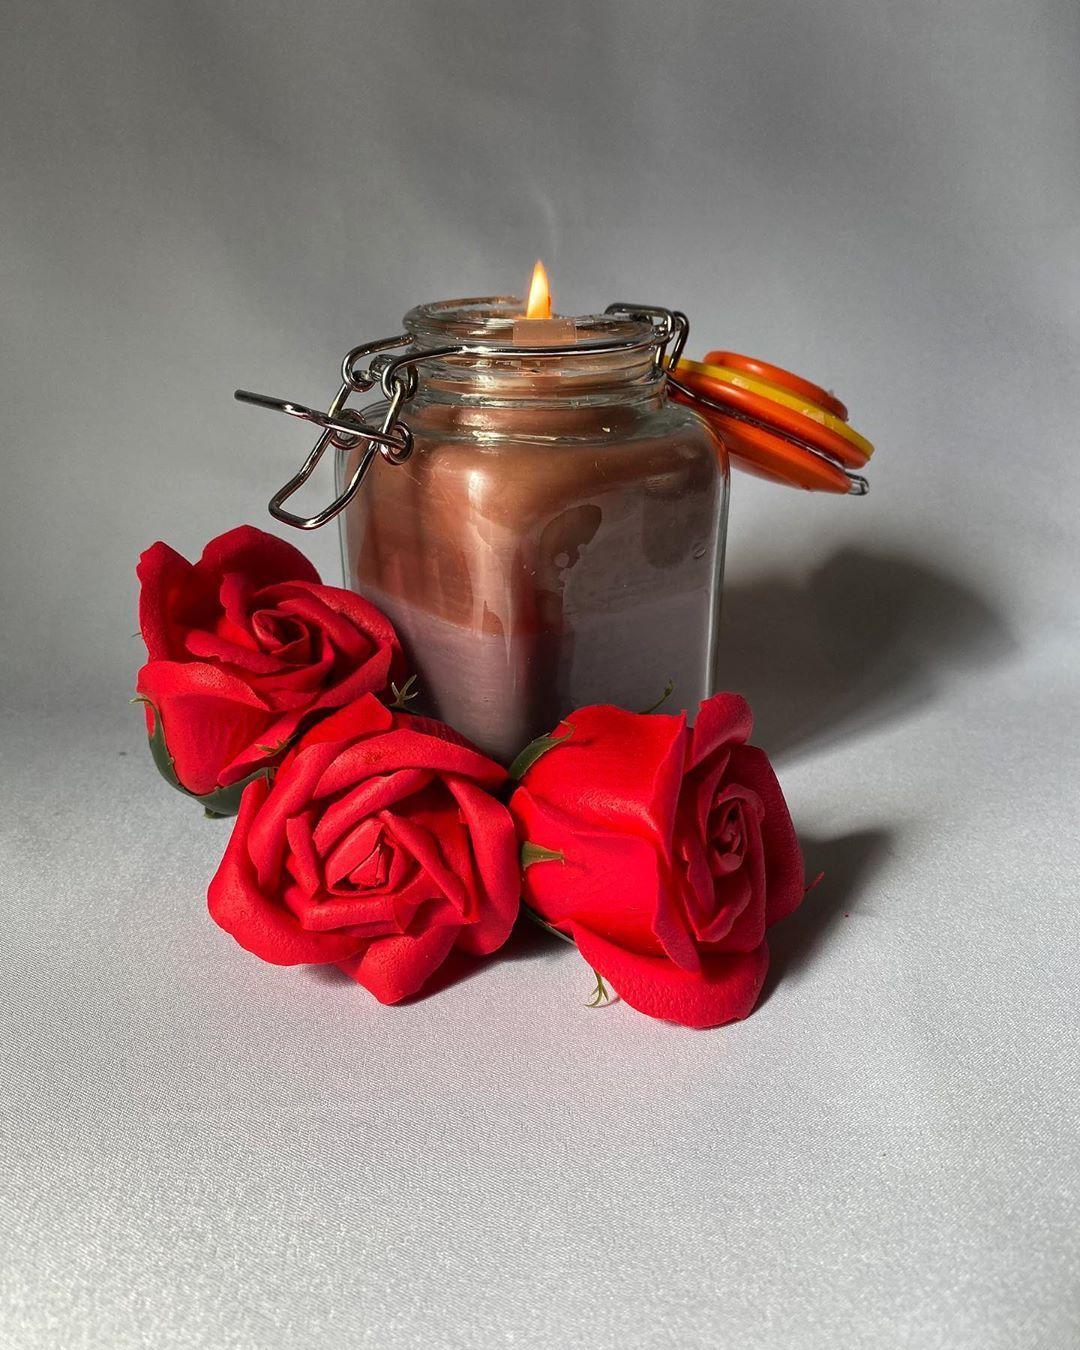 شکی نیست که شمع های معطر گزینه ای عالی برای افزودن زیبایی و شخصیت به یک محیط است اما آیا می دونستین که عطر یک شمع می تونه Your Image How